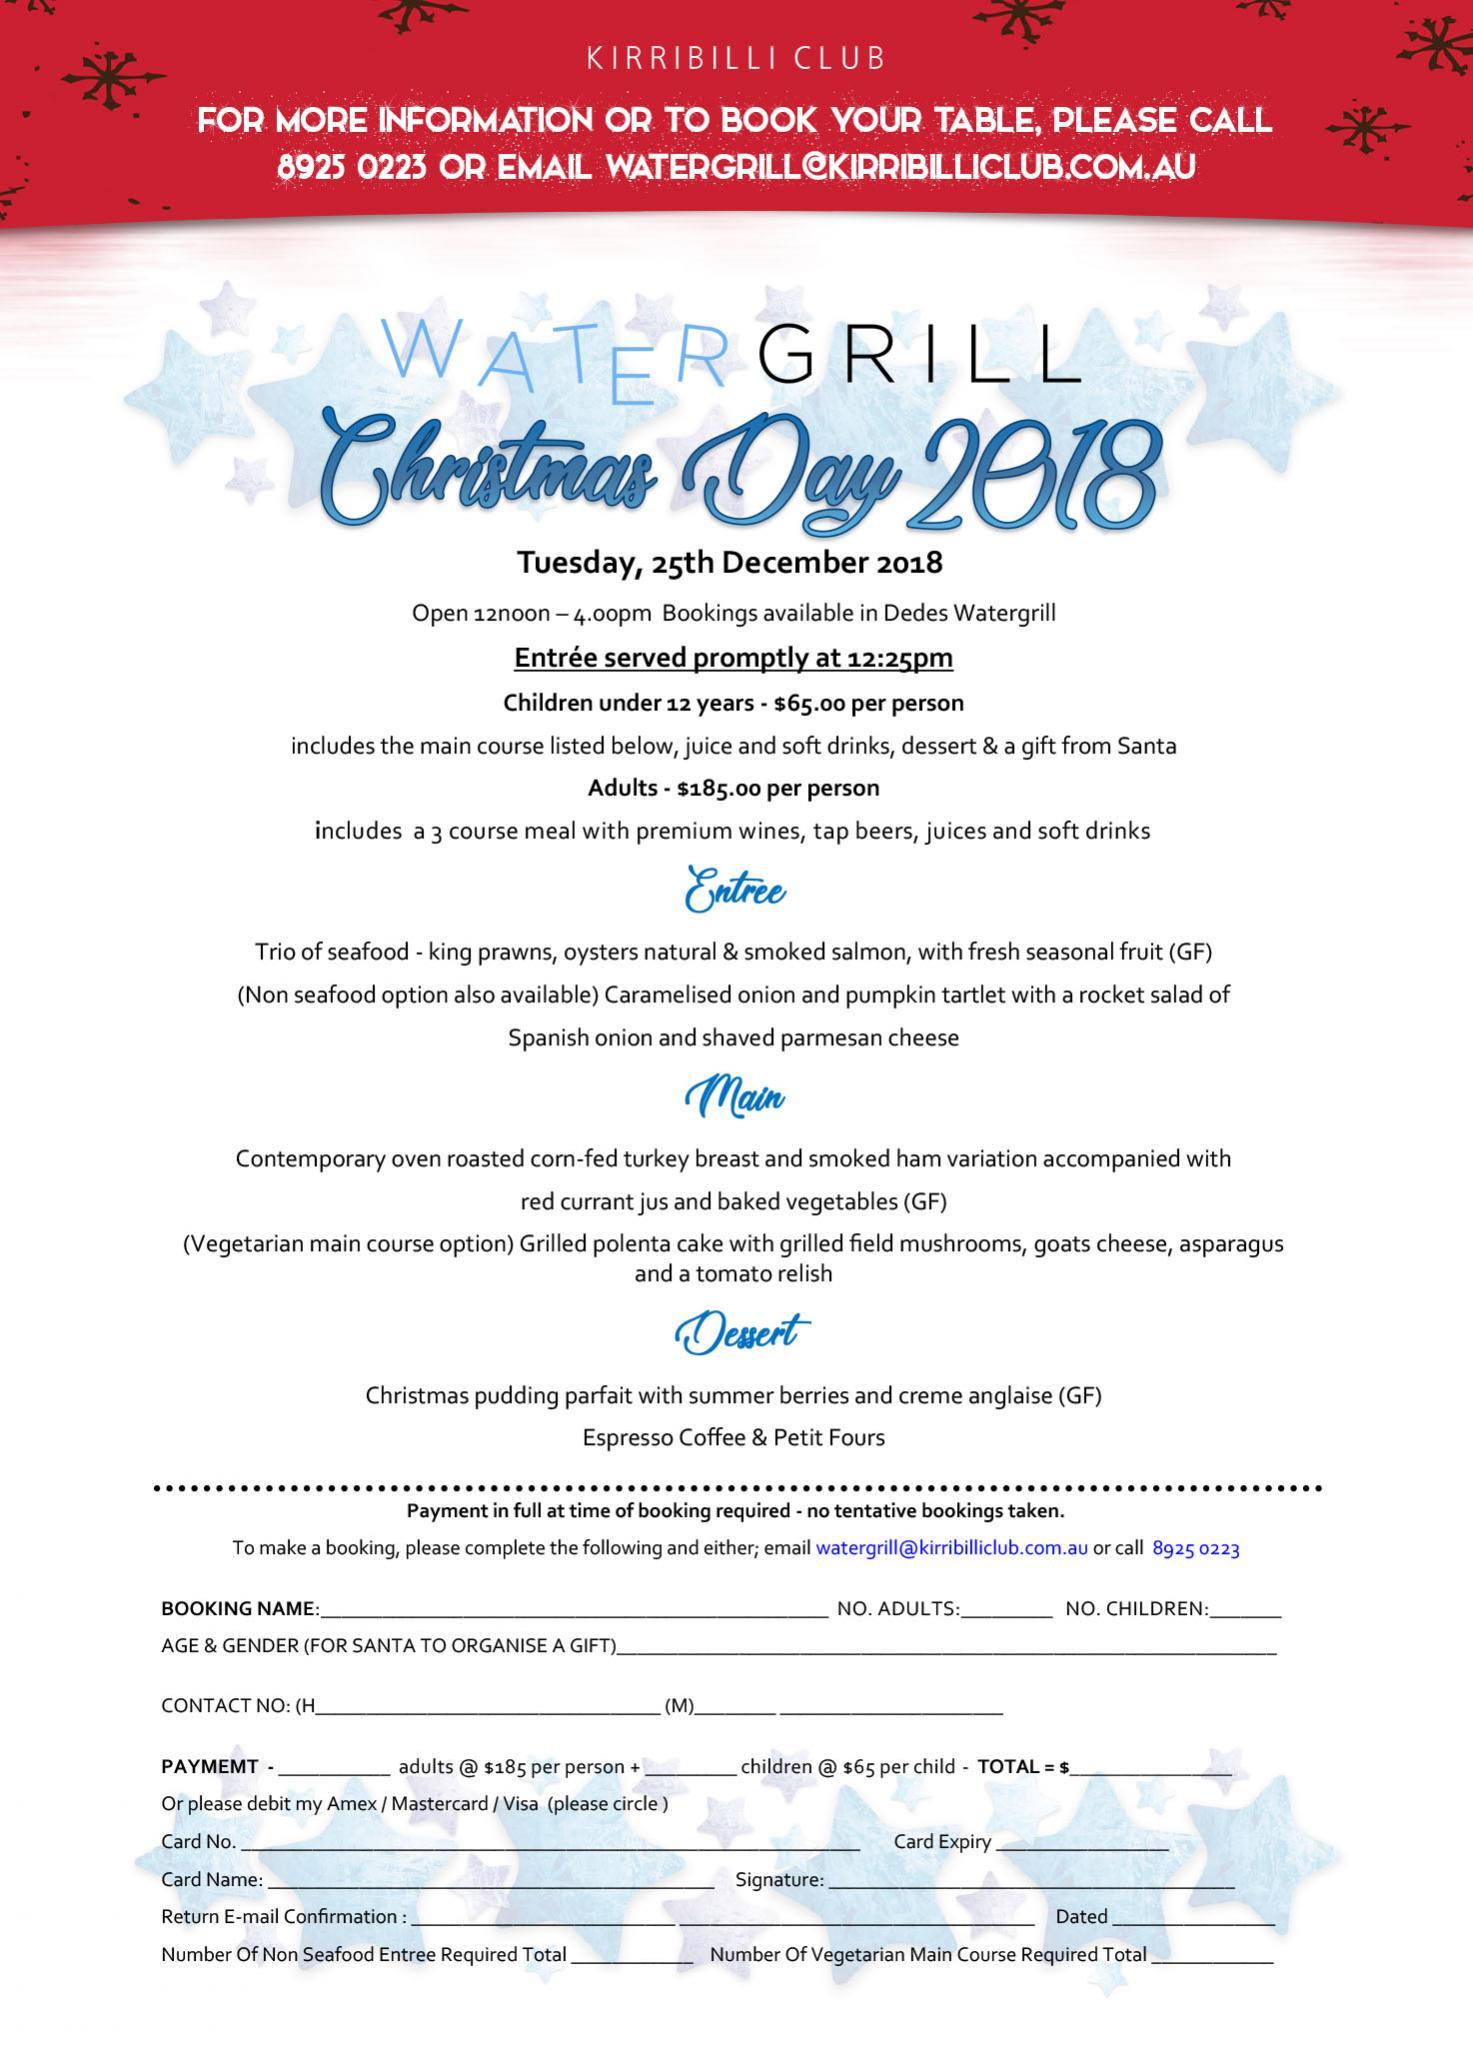 Watergrill Restaurant | Kirribilli Club